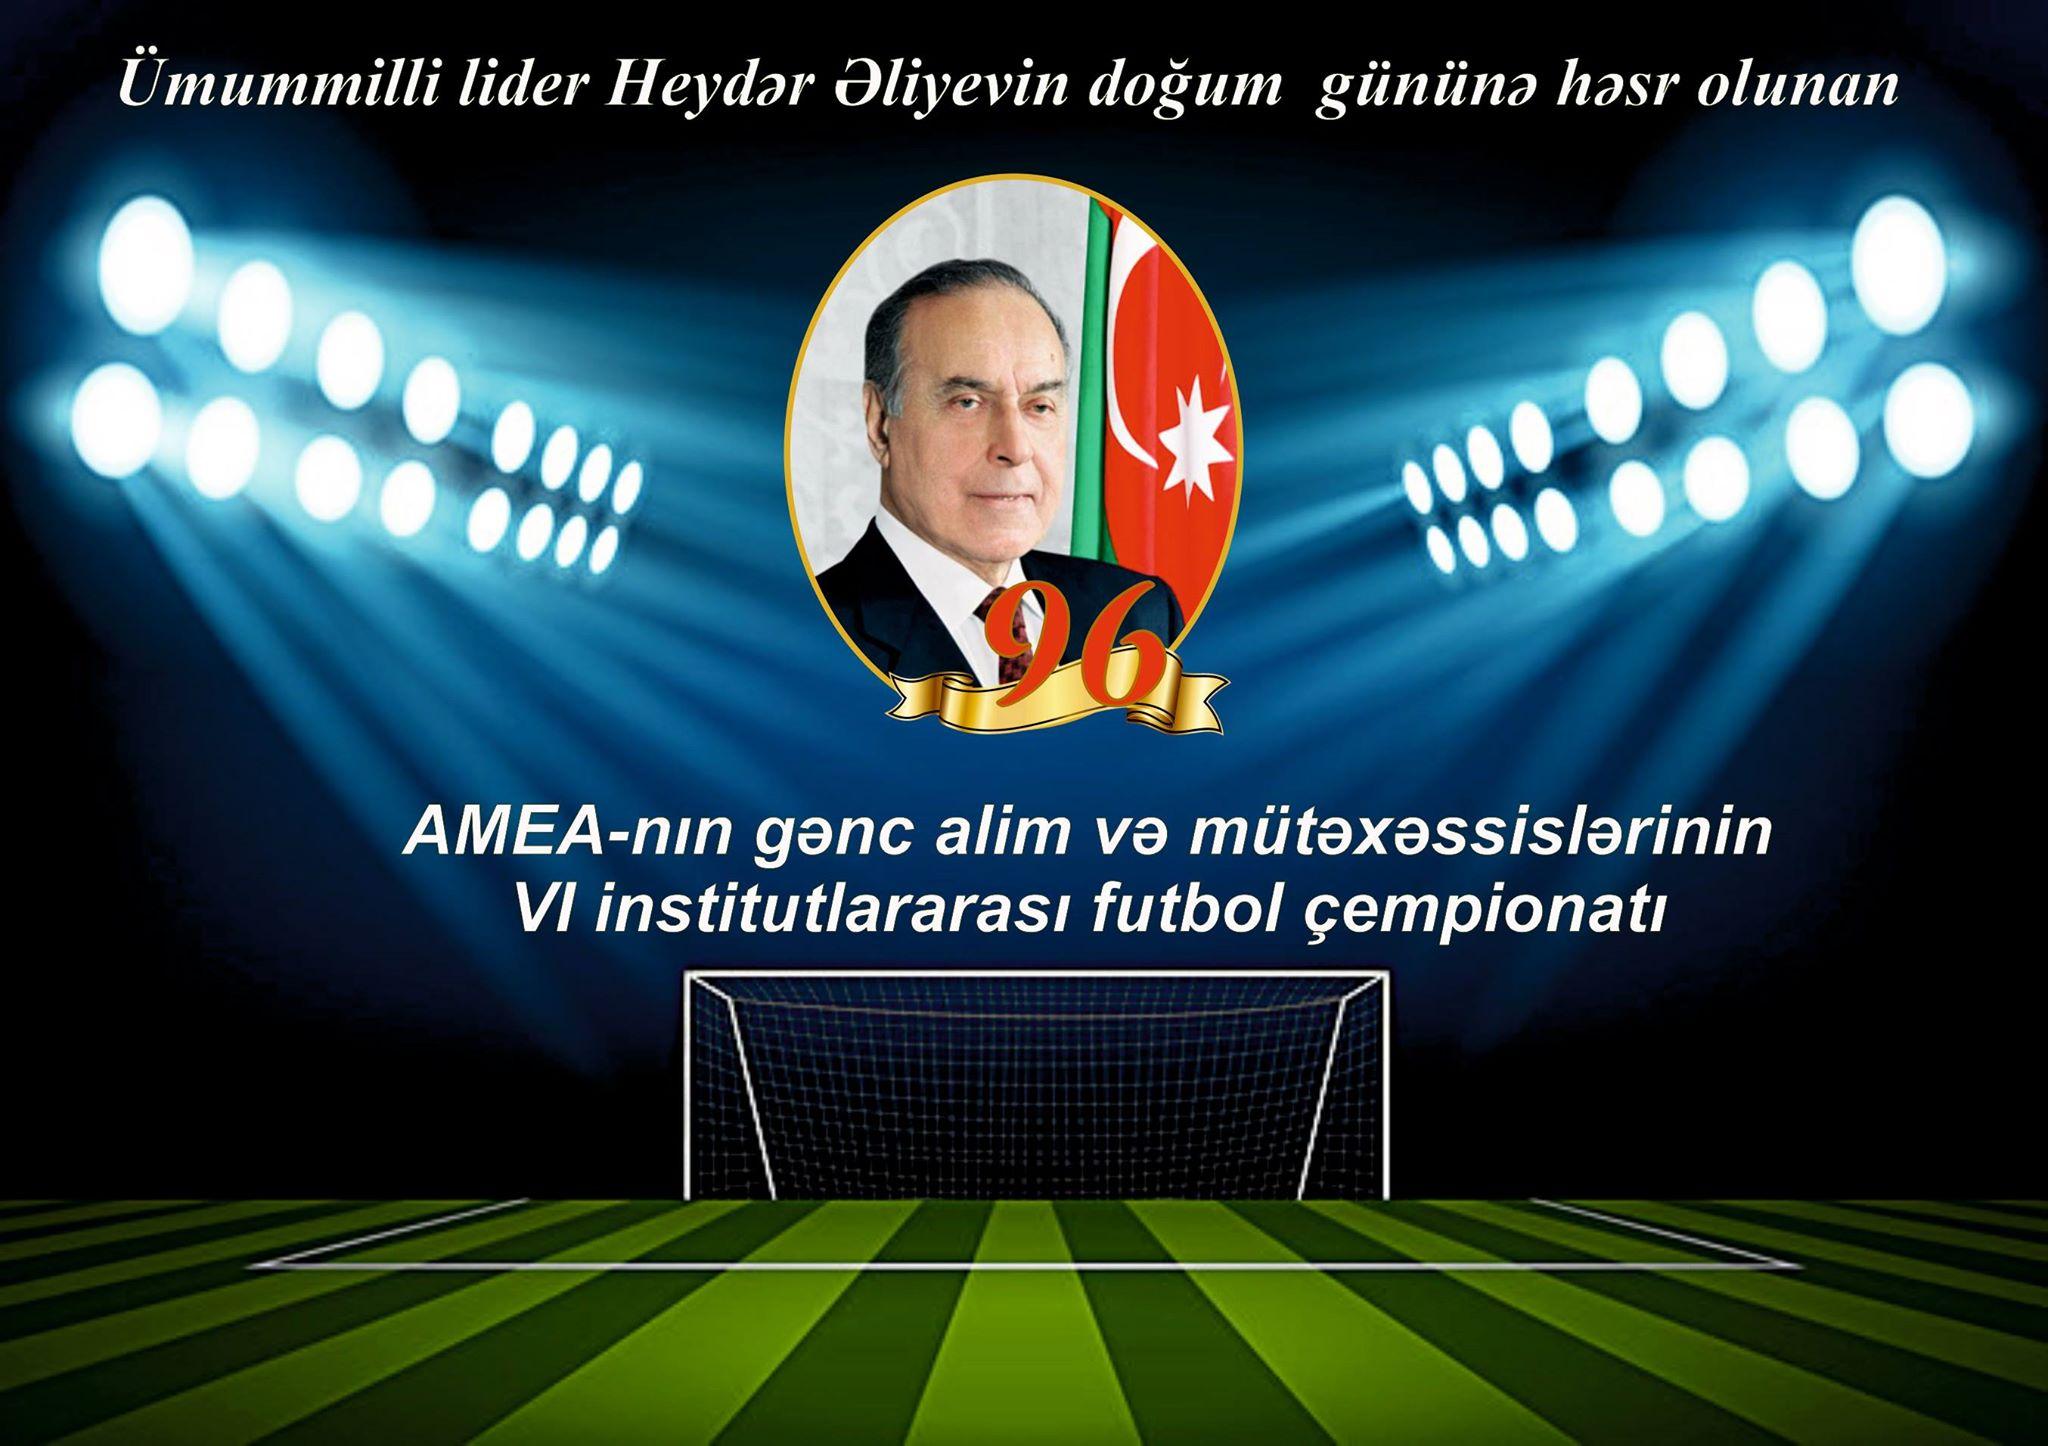 """AMEA Gənc Alim və Mütəxəssislərin VI İnstitutlararası futbol çempionatı""""nın 8 güclü komandası məlum oldu"""